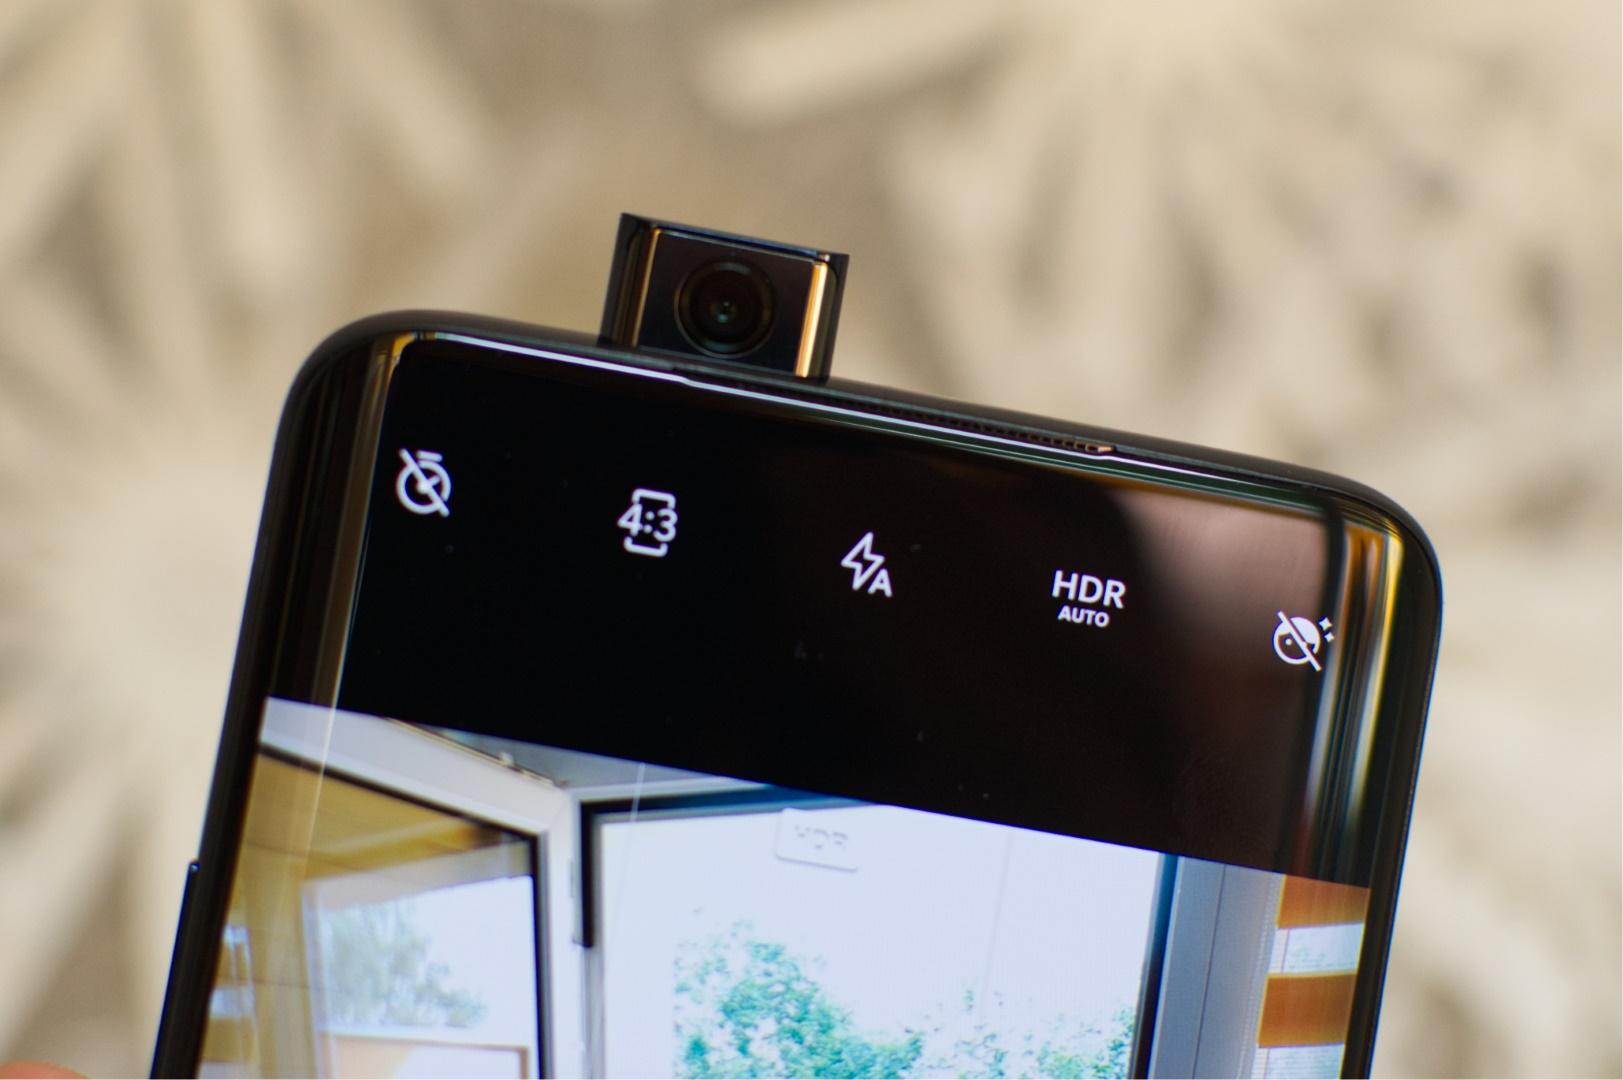 Bild der ausfahrbaren Forntkamera des OnePlus 7 Pro. Image by Jonas Haller